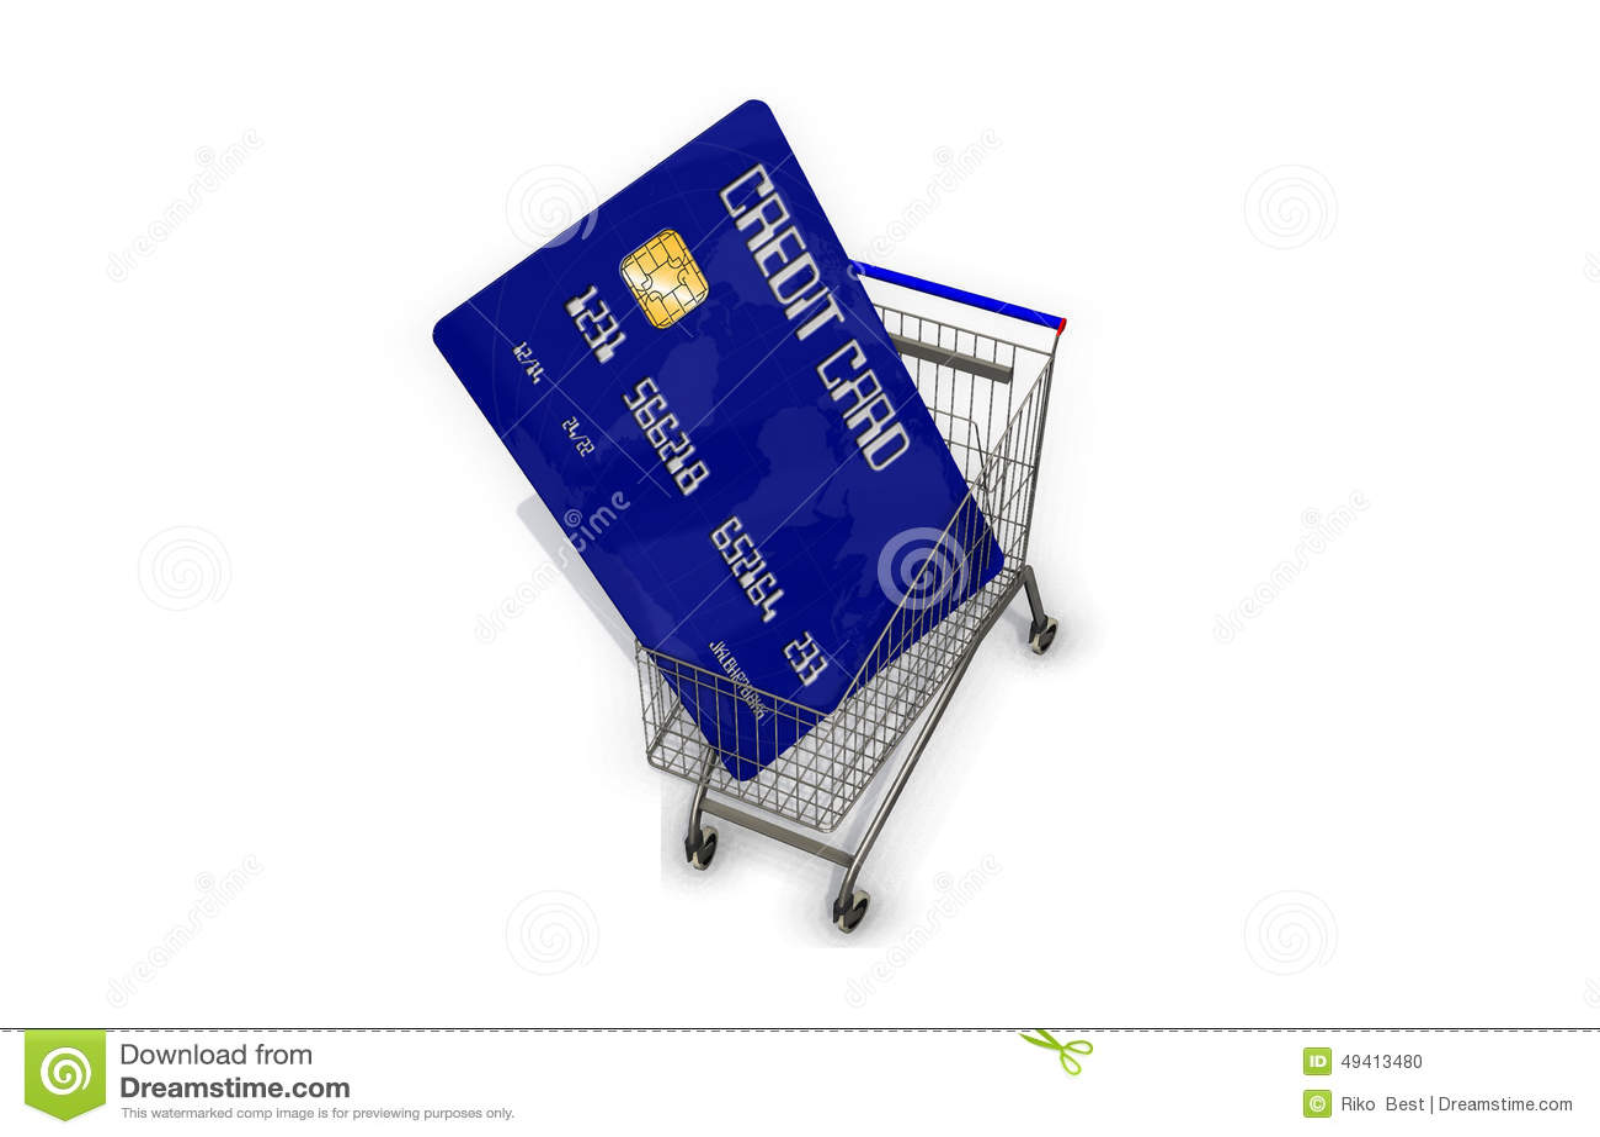 Download Kreditkarte In Einem Supermarktwarenkorb Auf Weißem Hintergrund Stock Abbildung - Illustration von erwerb, modern: 49413480